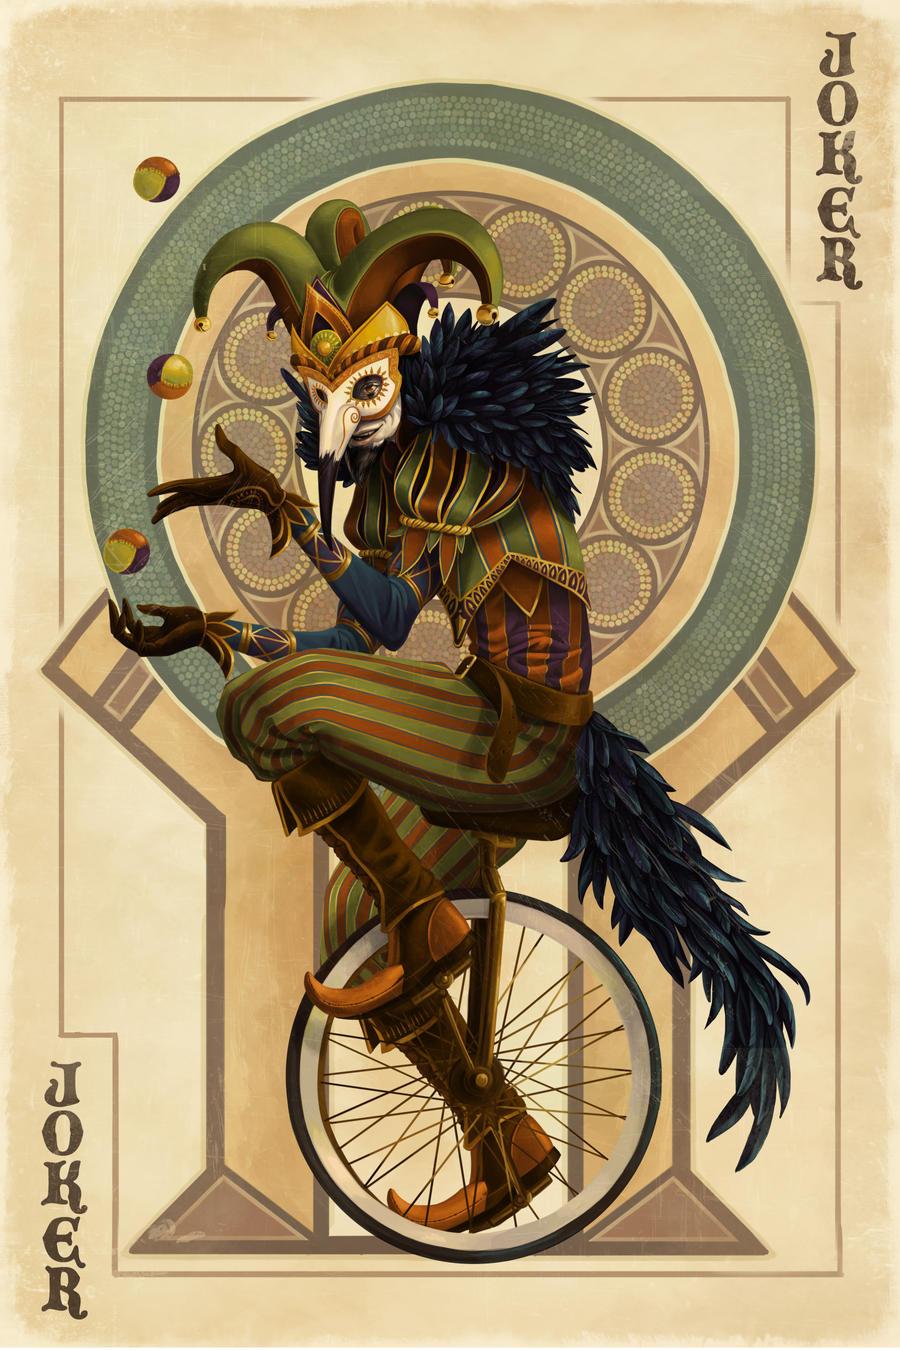 joker card art - photo #2